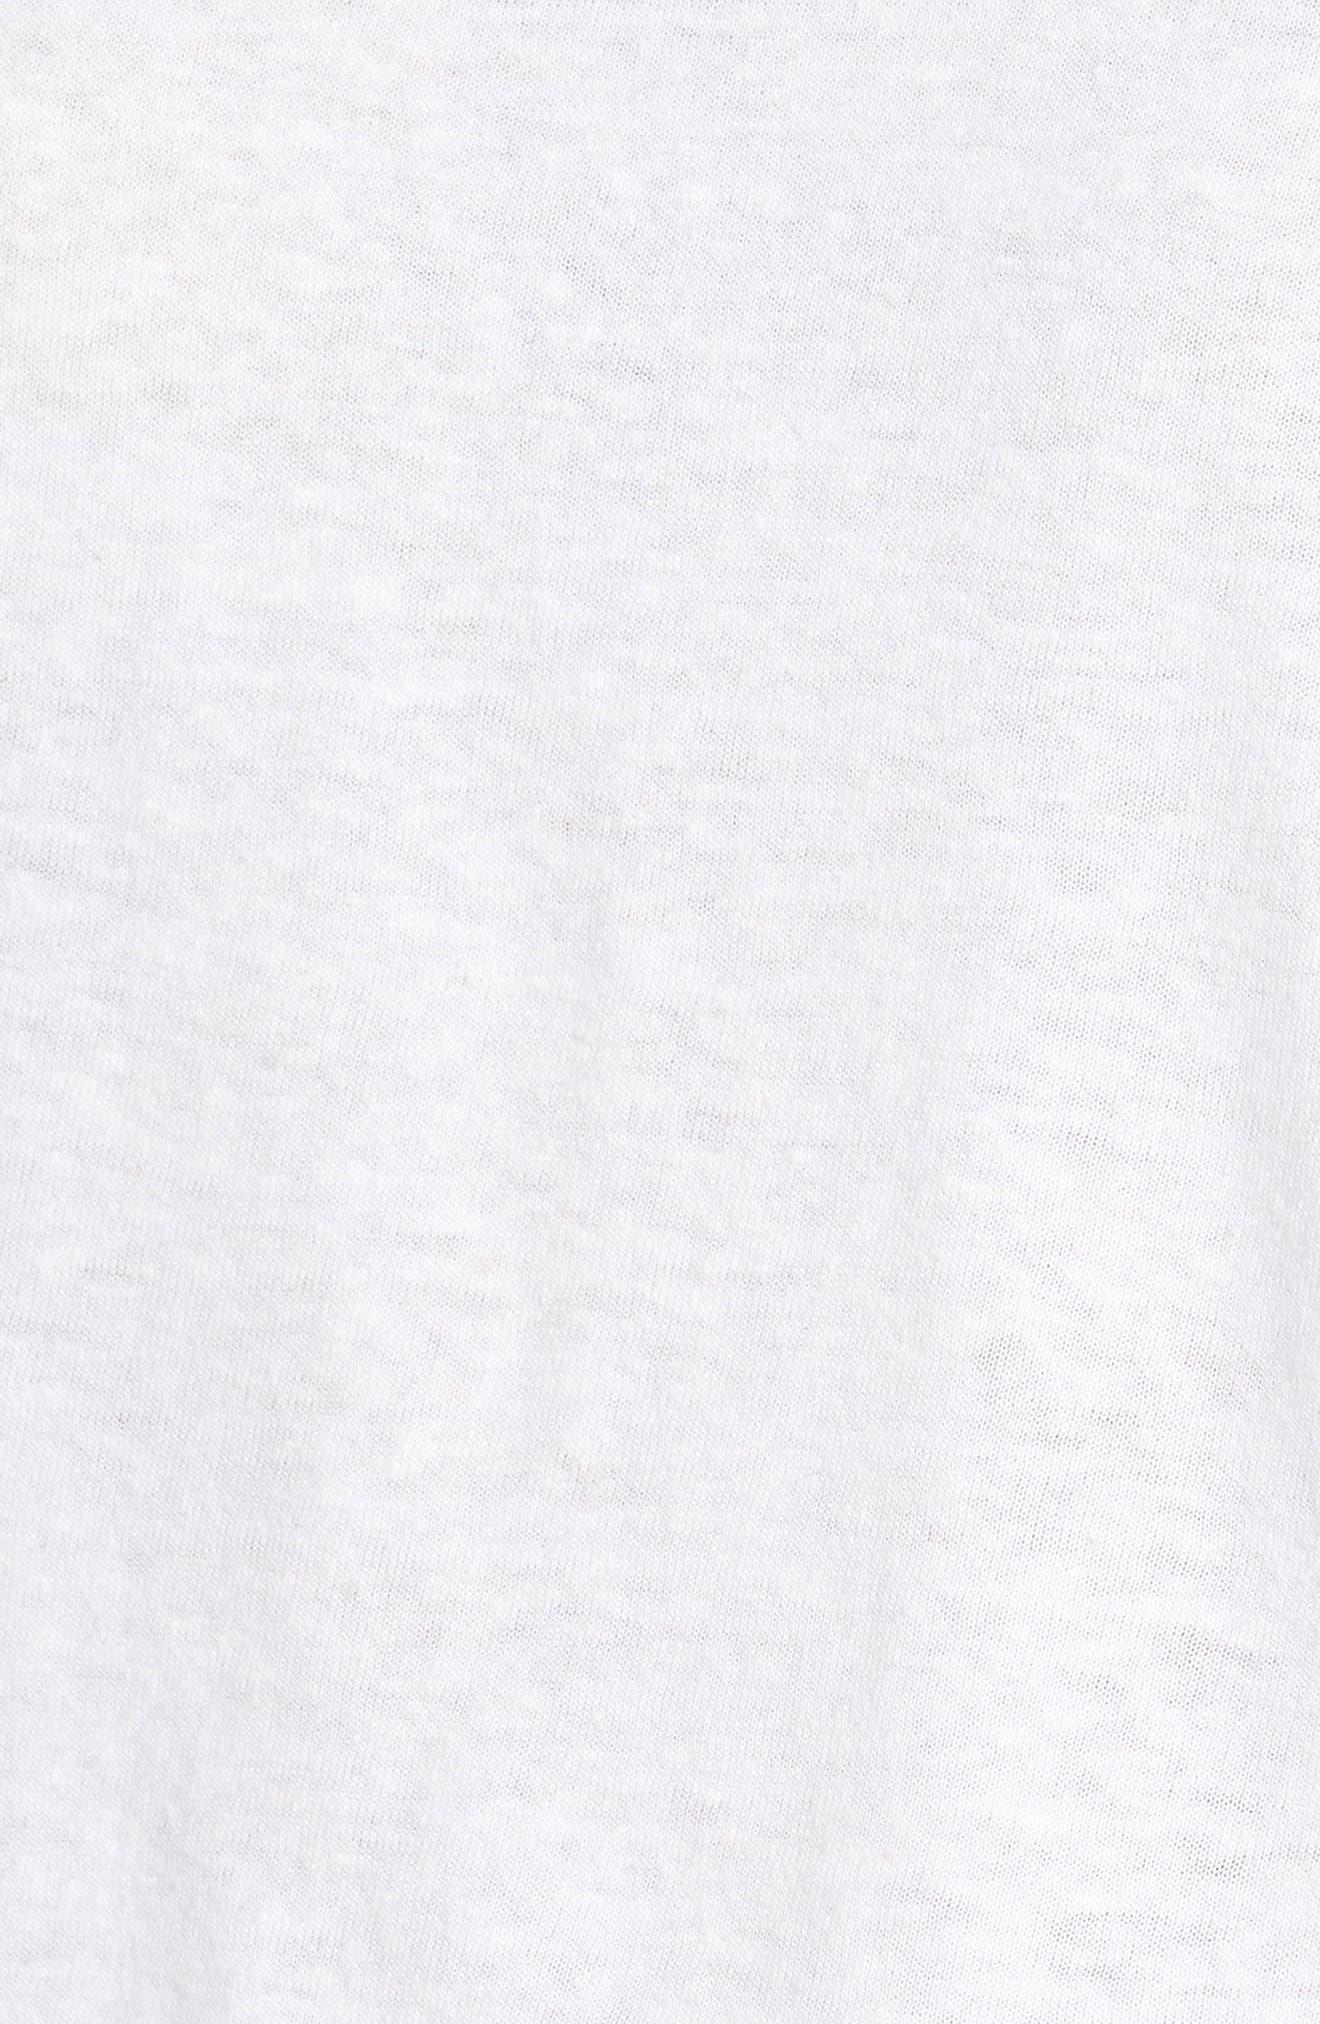 Ringer Tee,                             Alternate thumbnail 5, color,                             White Navy Night Combo